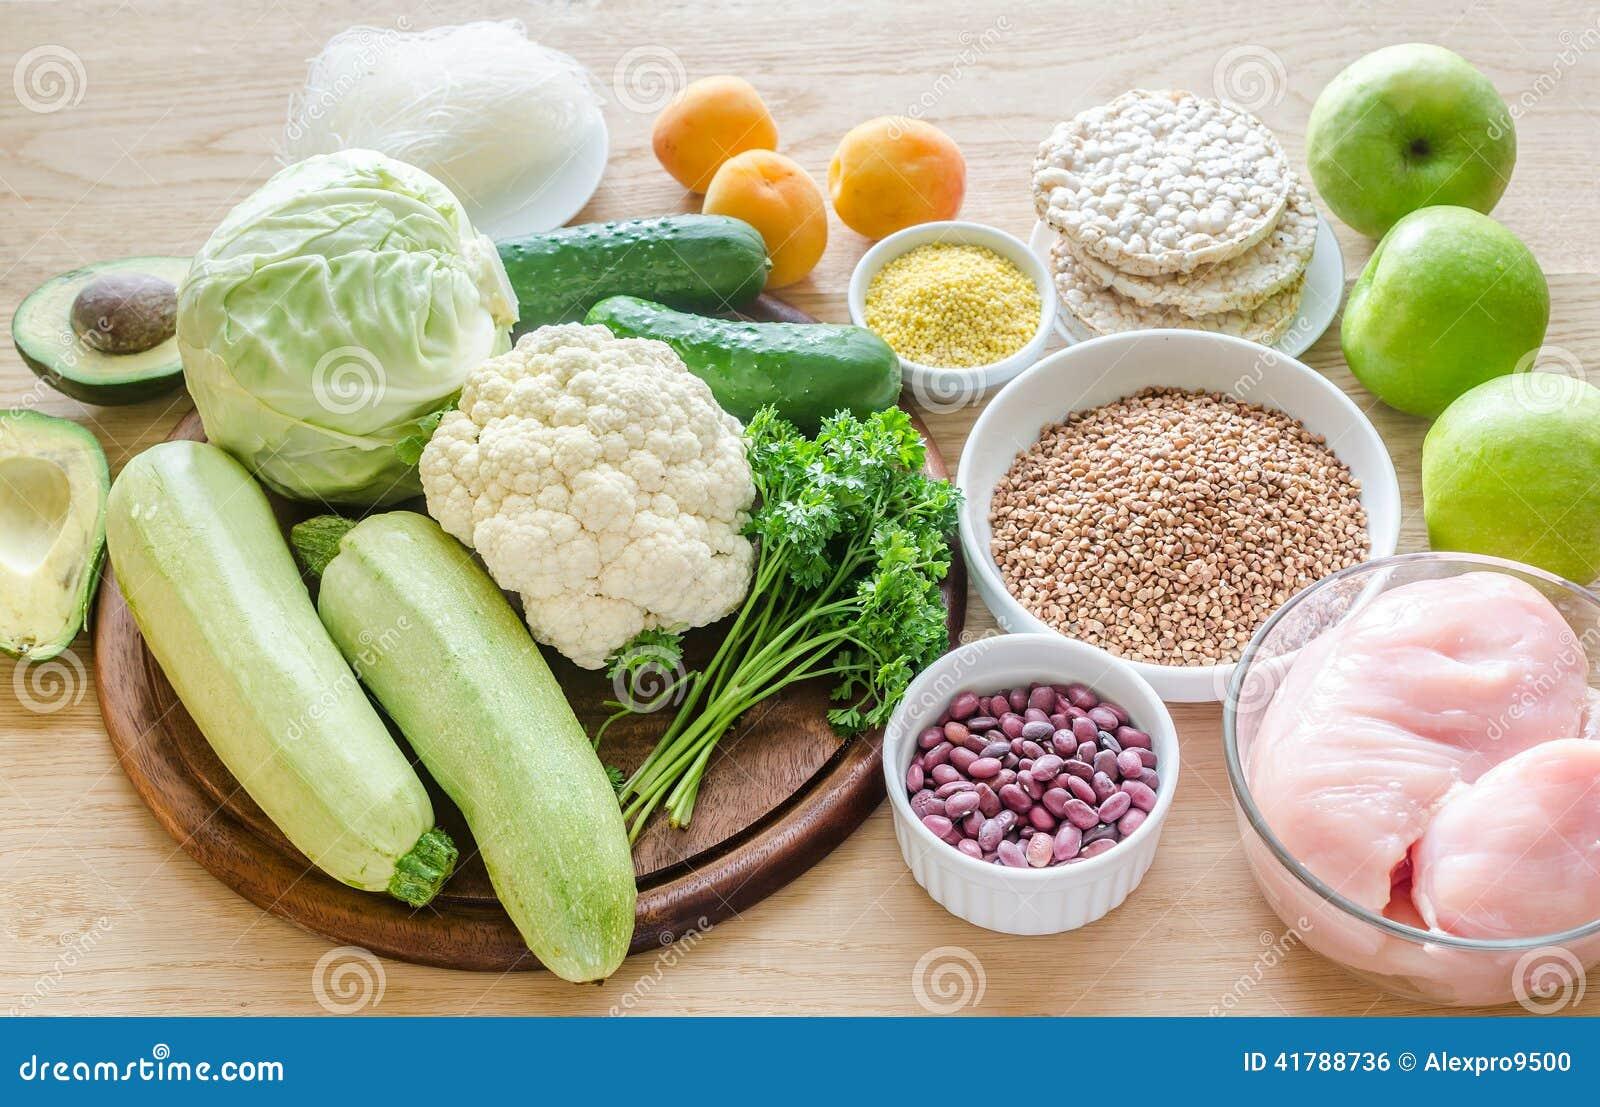 低变应原的饮食:不同的小组产品